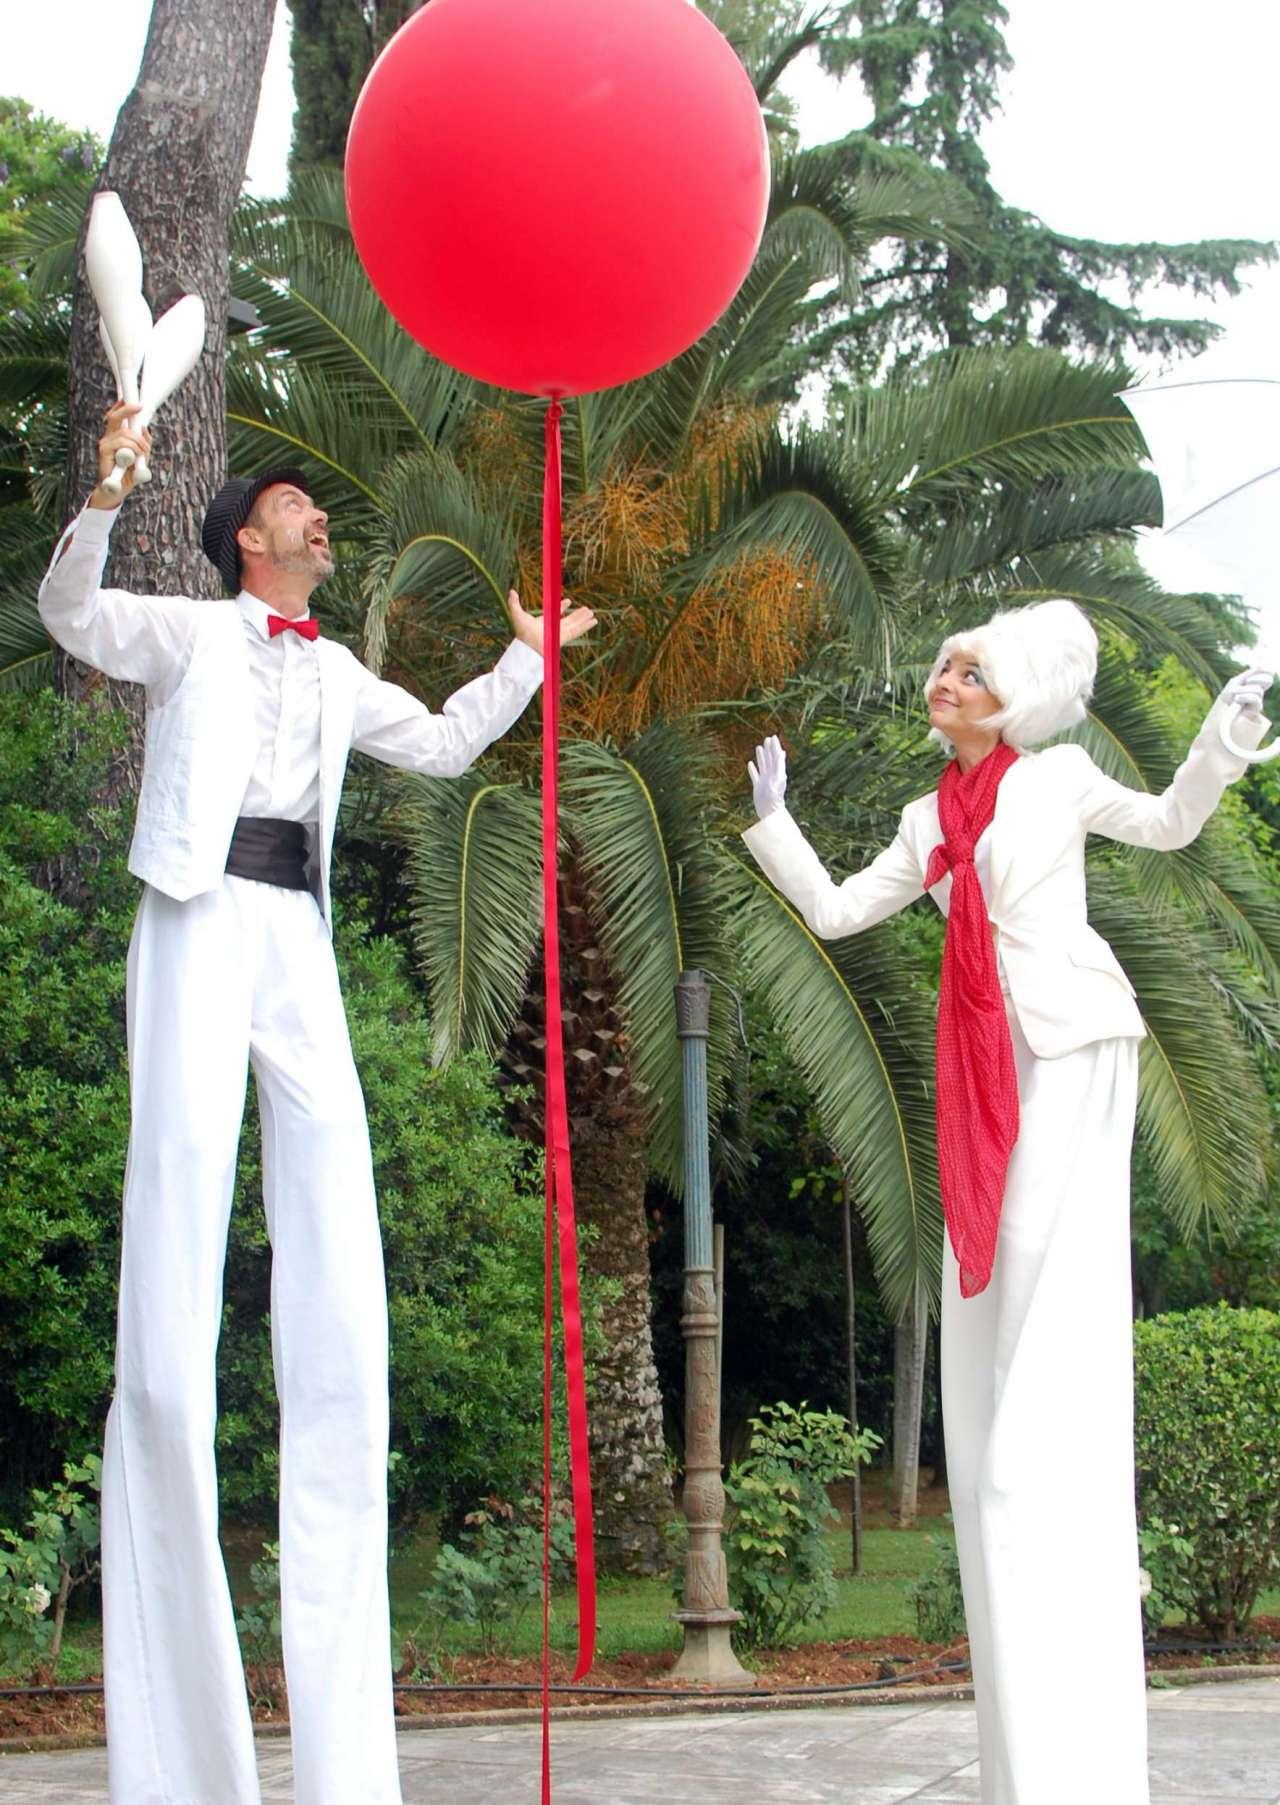 Ζευγάρι ξυλοπόδαρων, άντρας γυναίκα, με λευκά κοστούμια παίζουν με μεγάλο κόκκινο μπαλόνι σε πάρτι βάφτισης